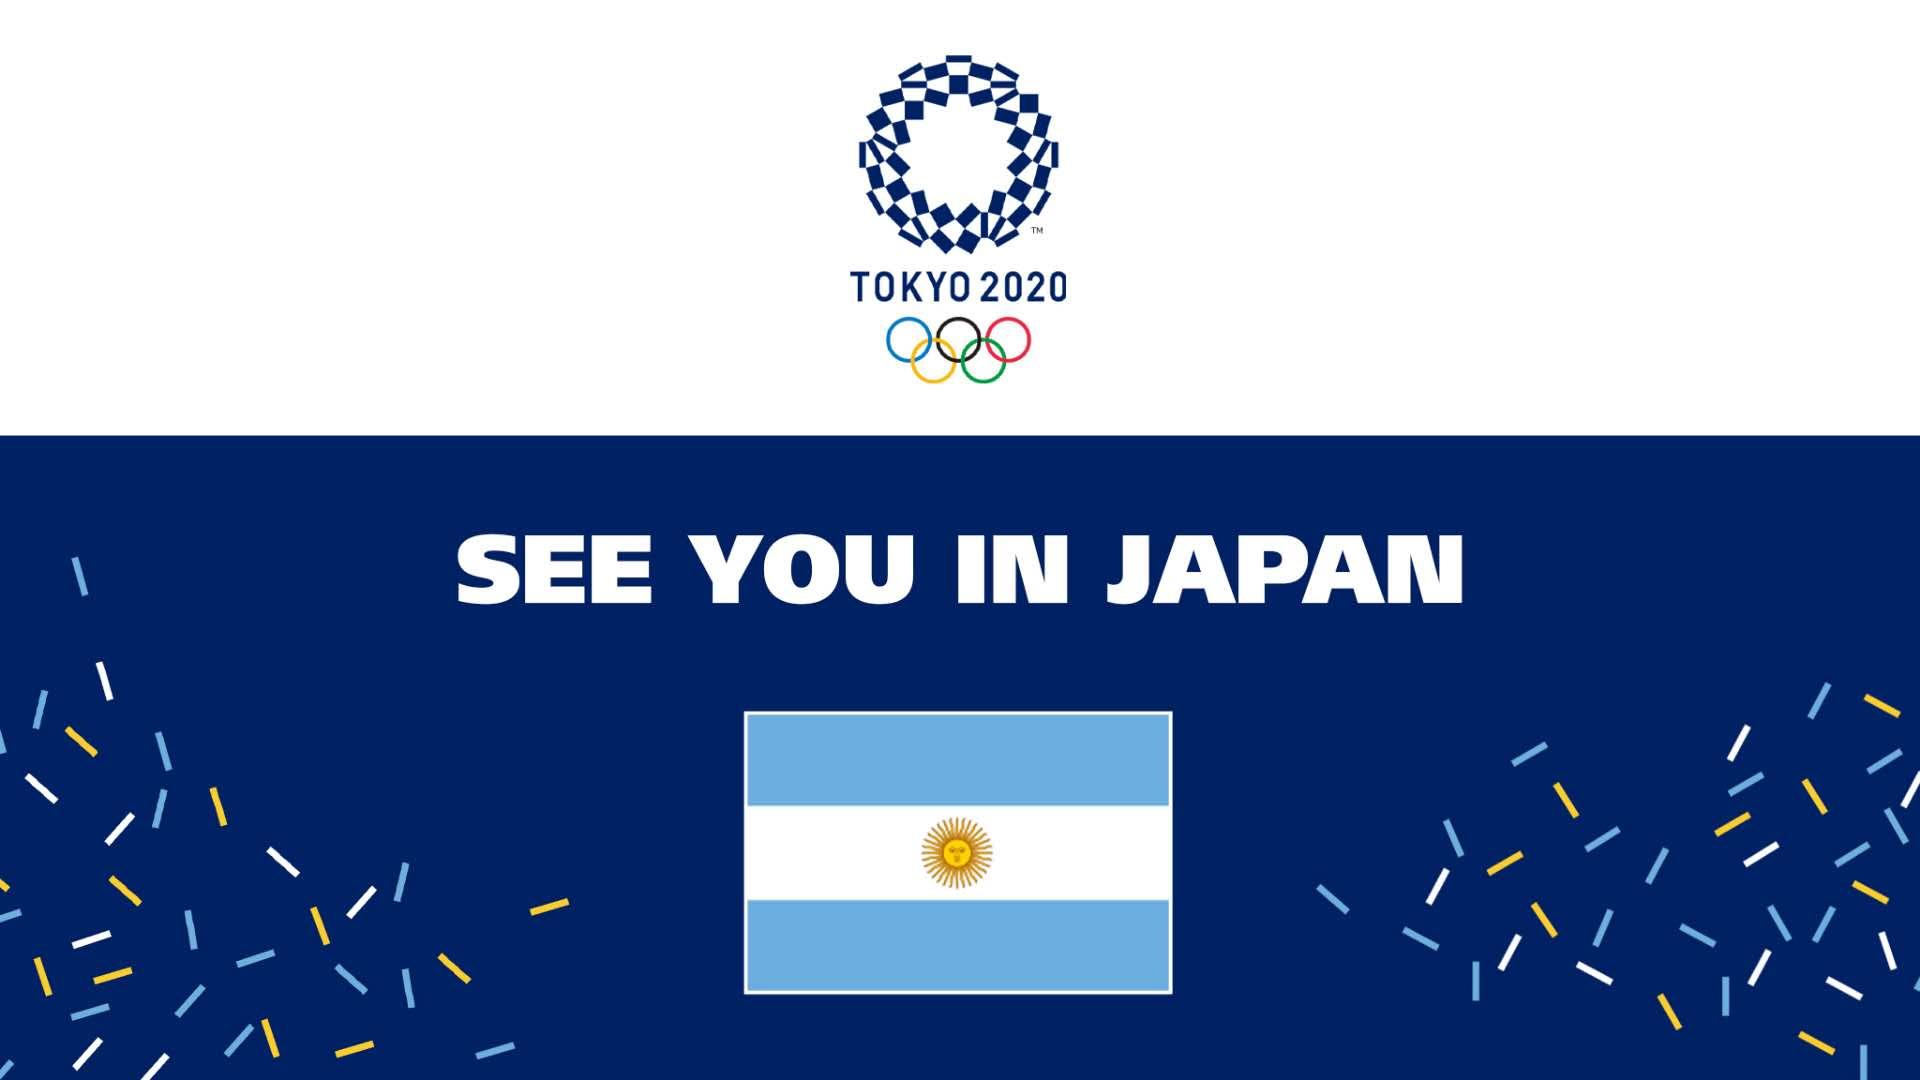 6战全胜锁定预赛头名,阿根廷男足获东京奥运会参赛资格